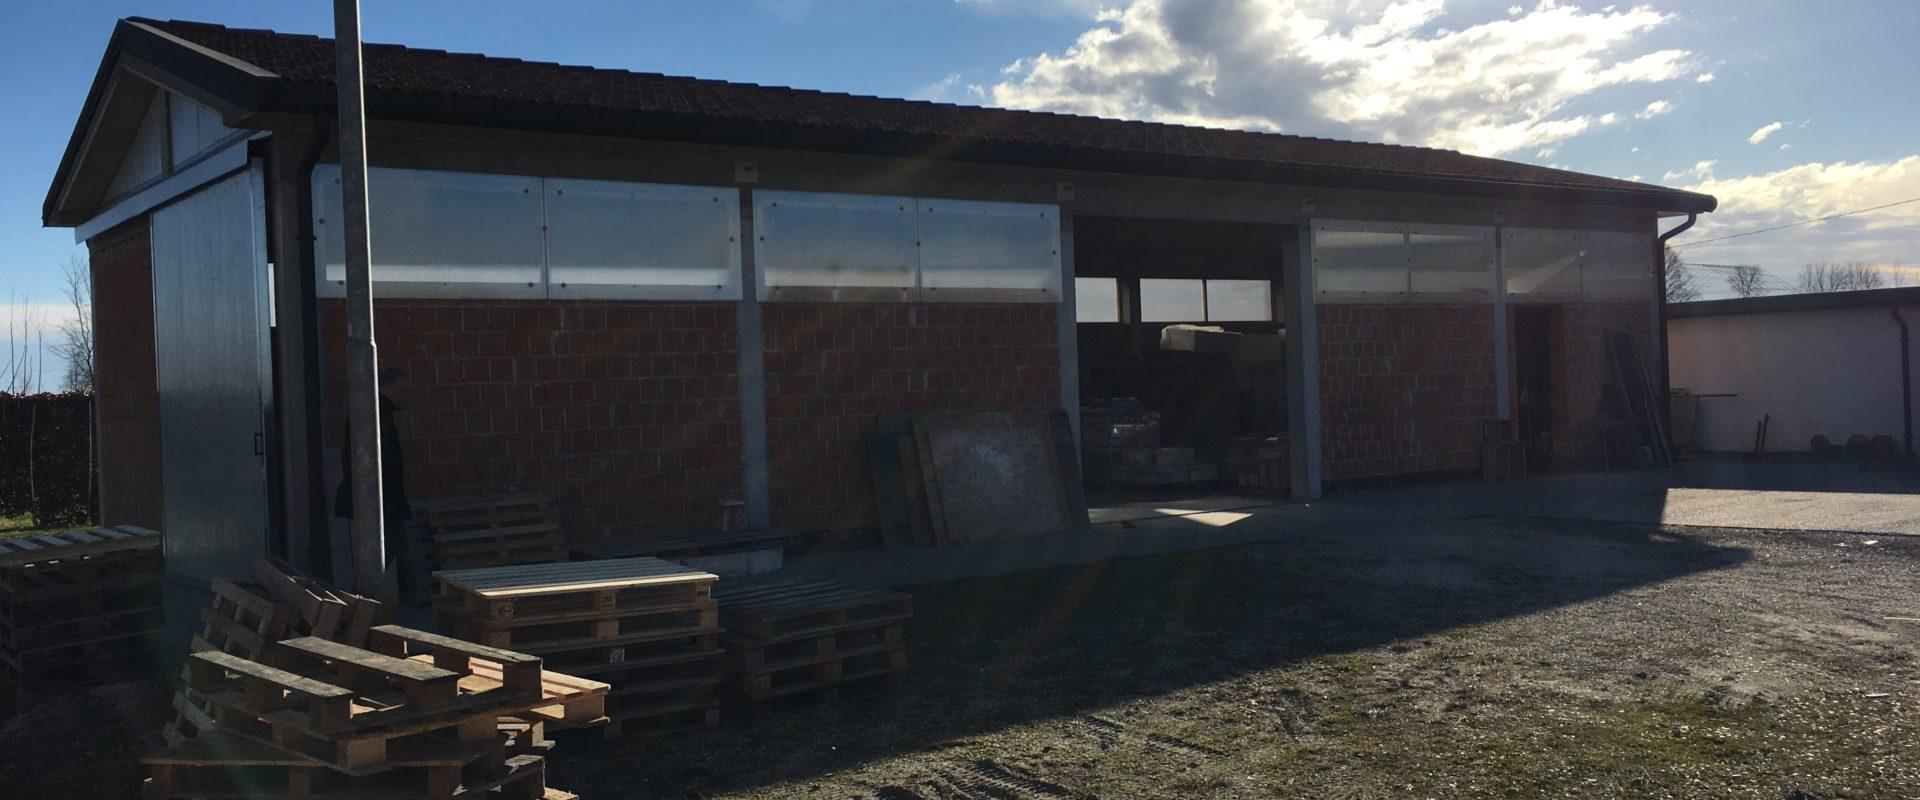 Vendita Casale / Rustico / Casa Colonica/ Cascina a San Giorgio in Bosco – Open space